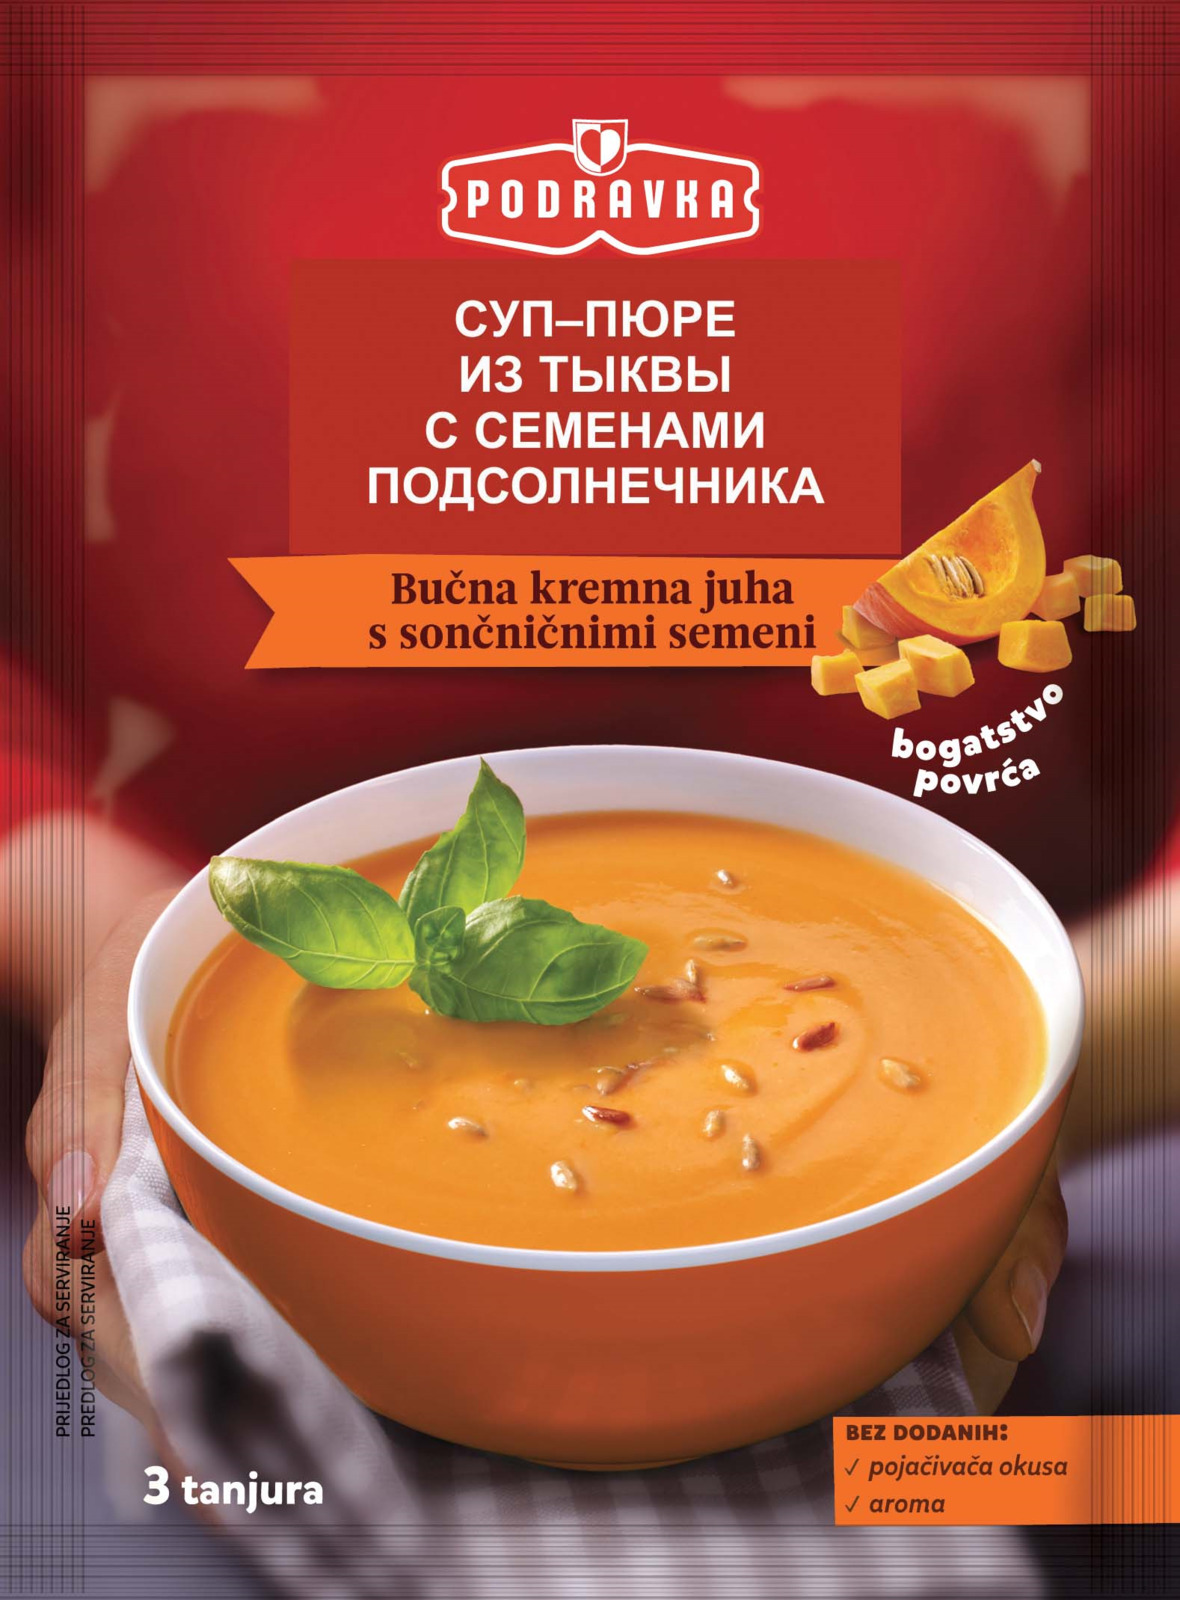 Podravka Суп-пюре из тыквы с семенами подсолнечника, 72 г пюре podravka картофельное